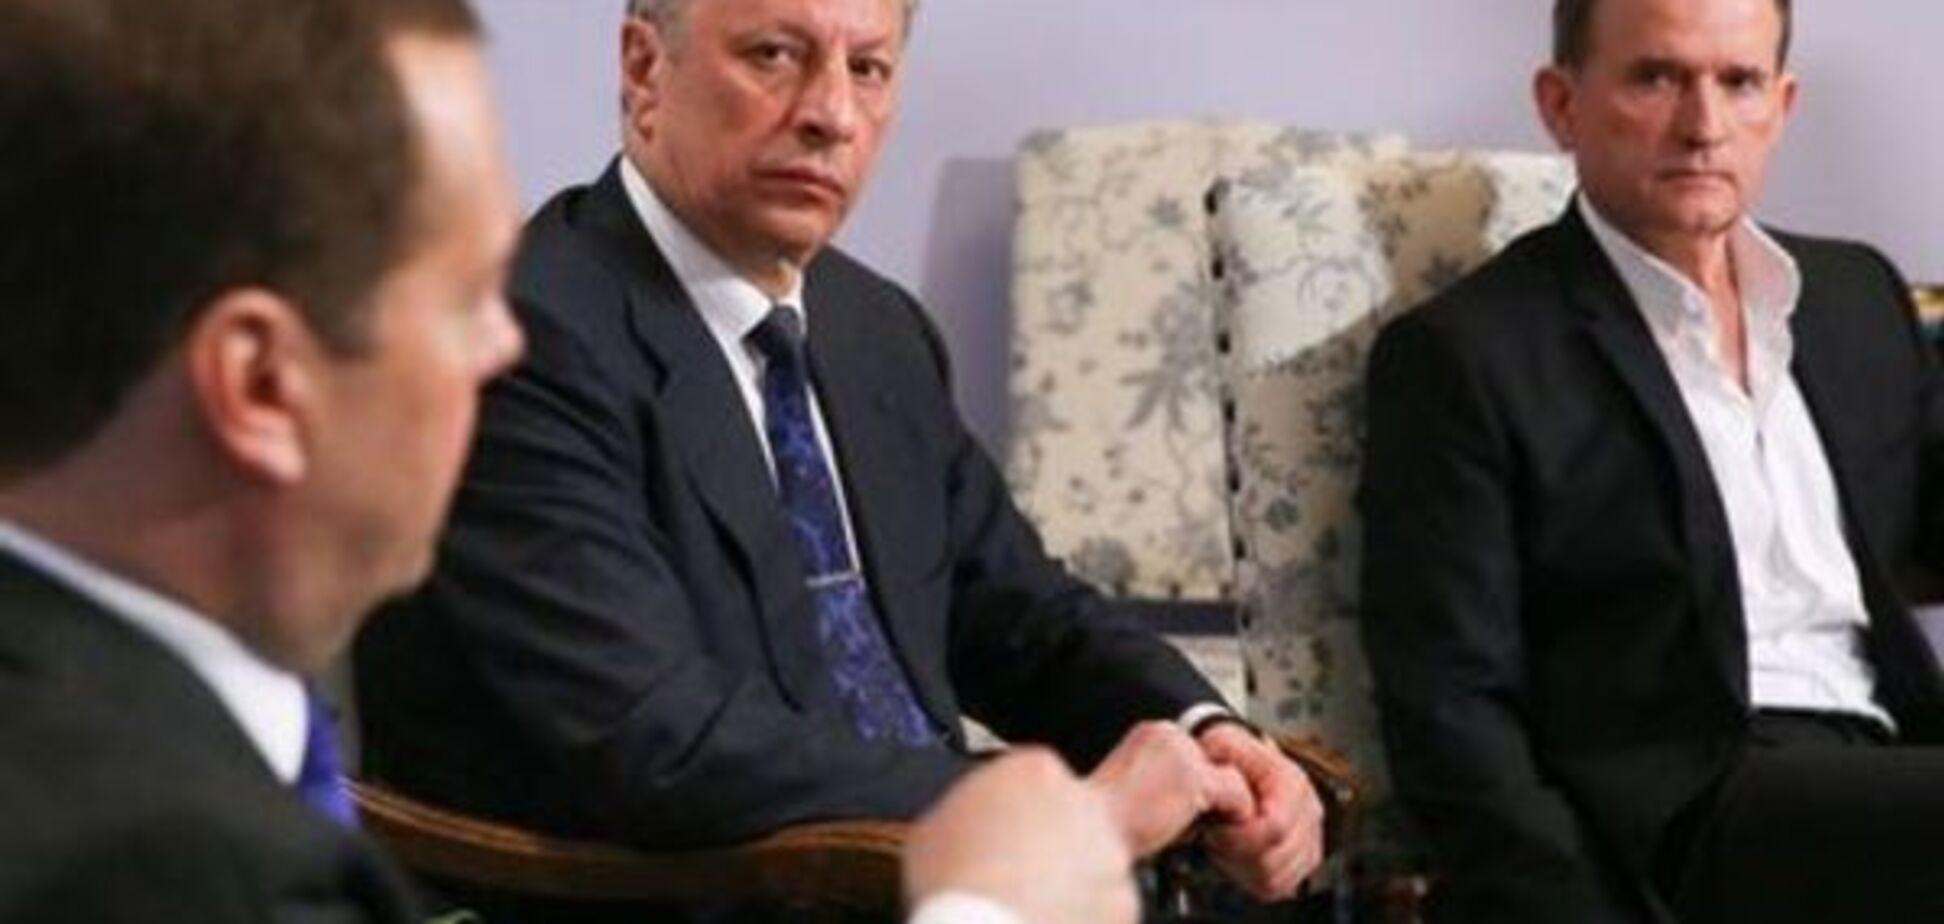 Полет Бойко и Медведчука в Москву: в деле появились новые подробности